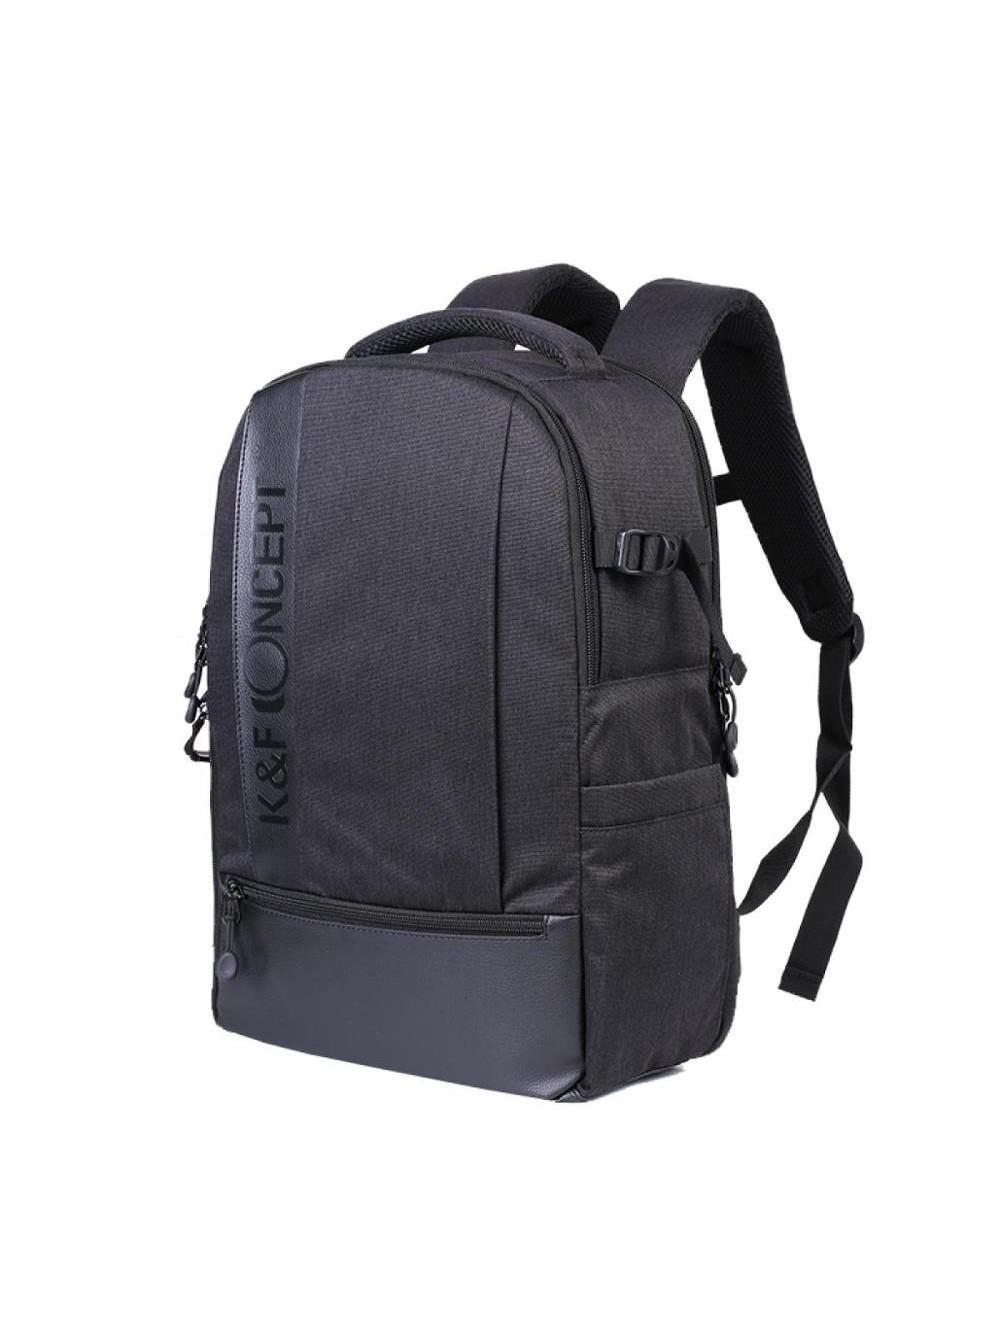 Рюкзак для цифровых камер и аксессуаров K&F KF13.044V8